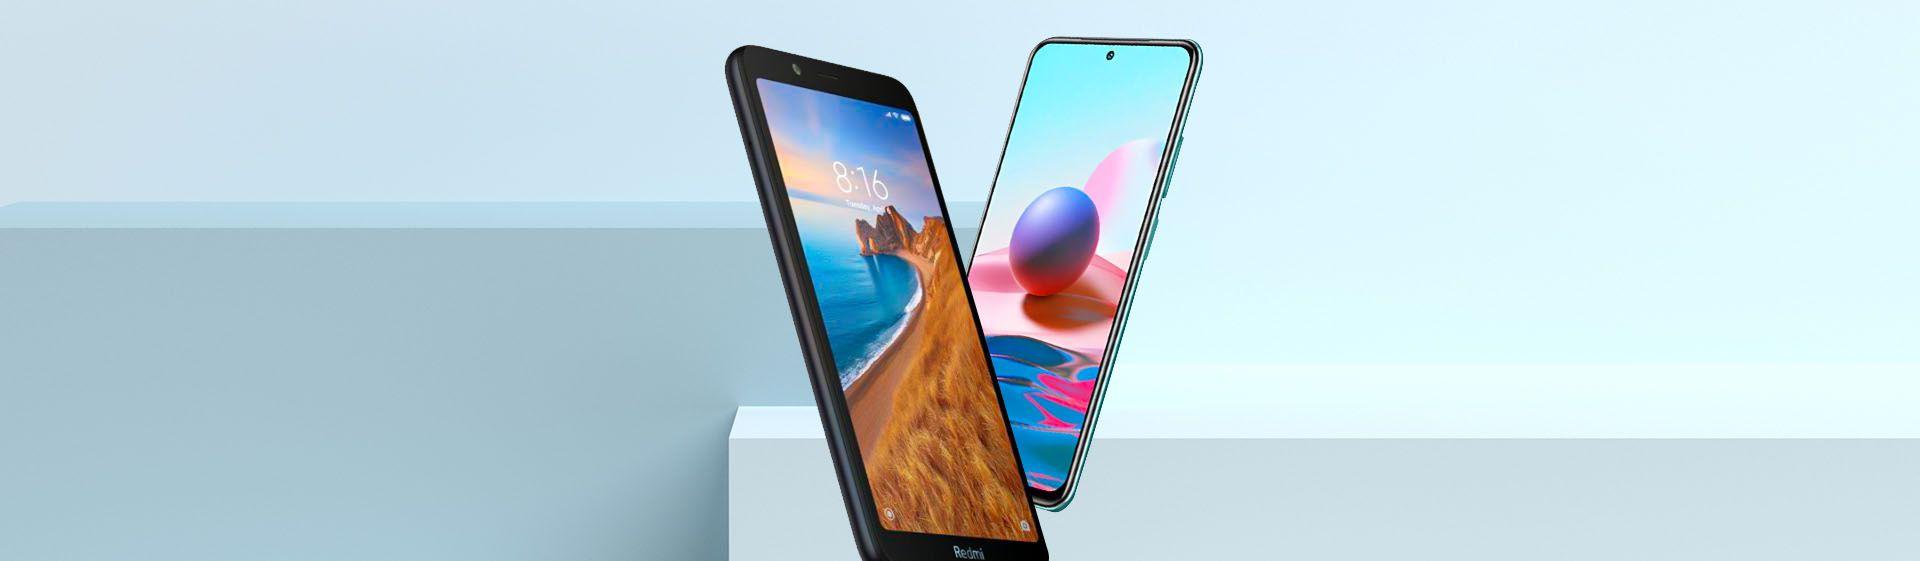 Melhor Xiaomi barato: veja modelos para comprar em 2021